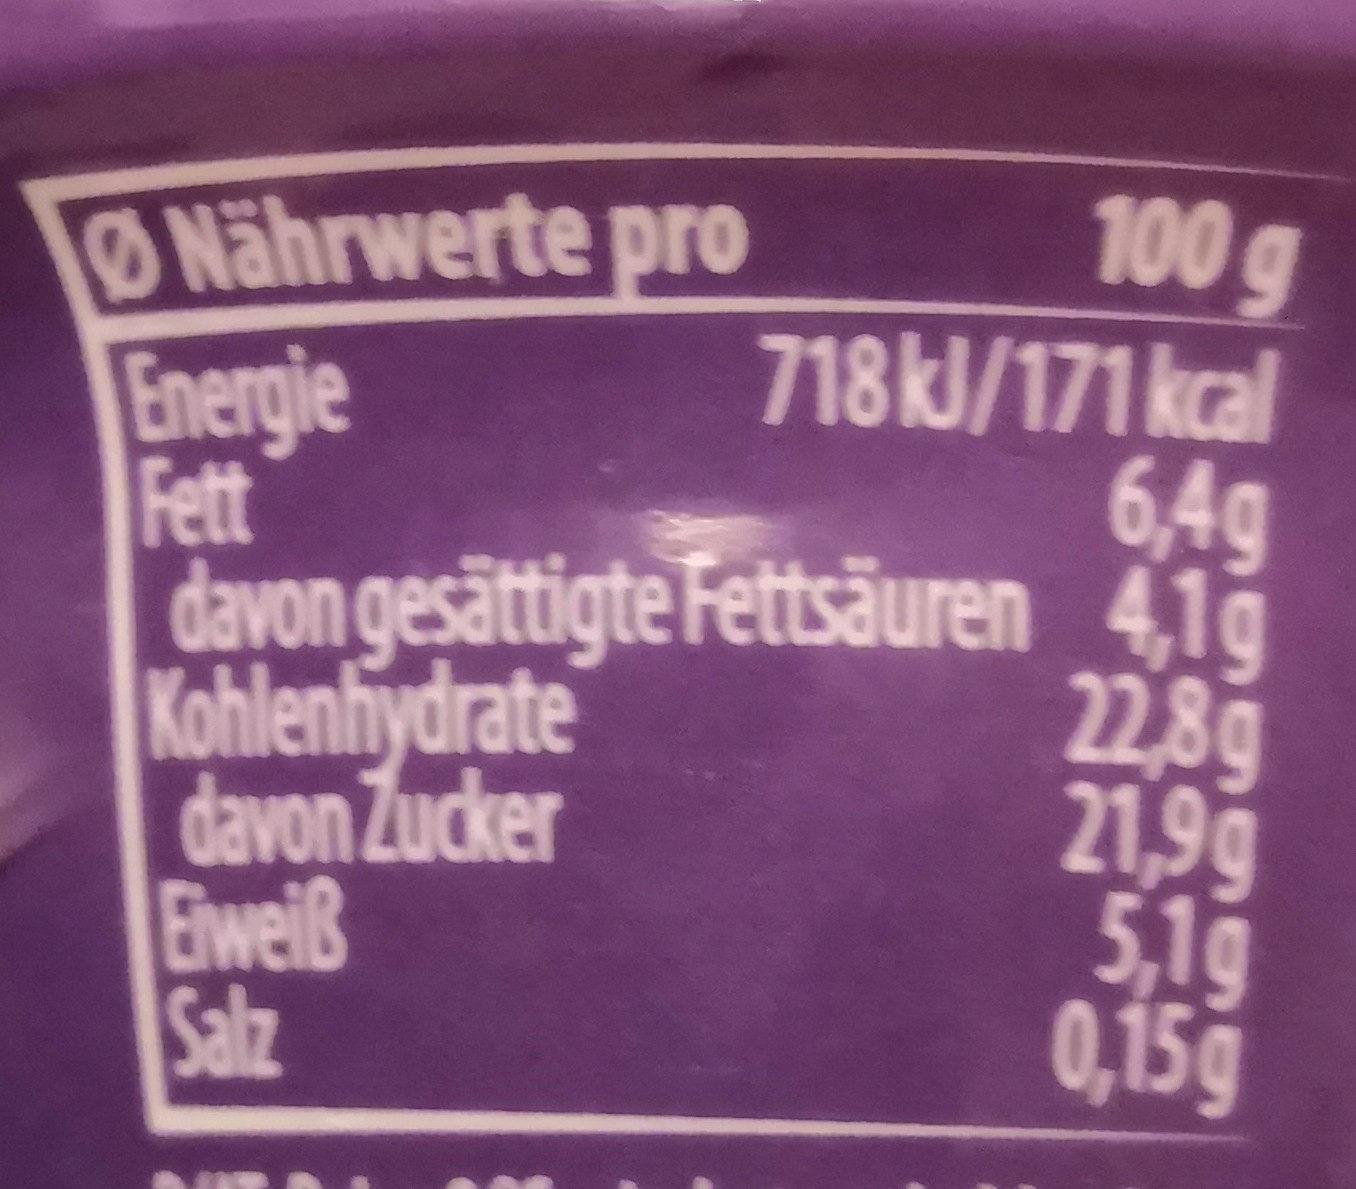 Mousse - Informations nutritionnelles - fr